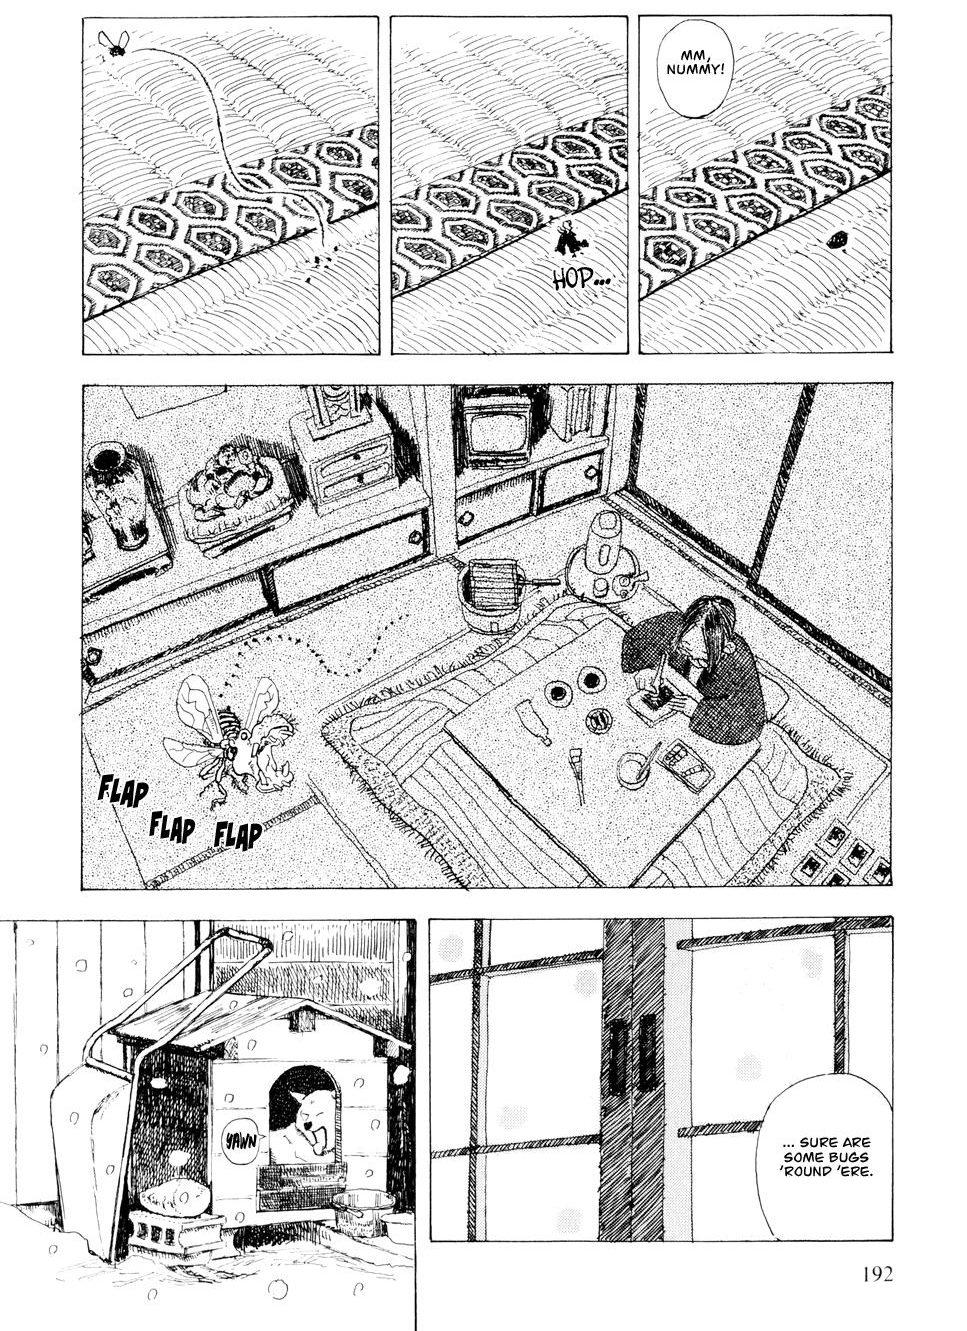 image Hanashippanashi Daisuke Igarashi